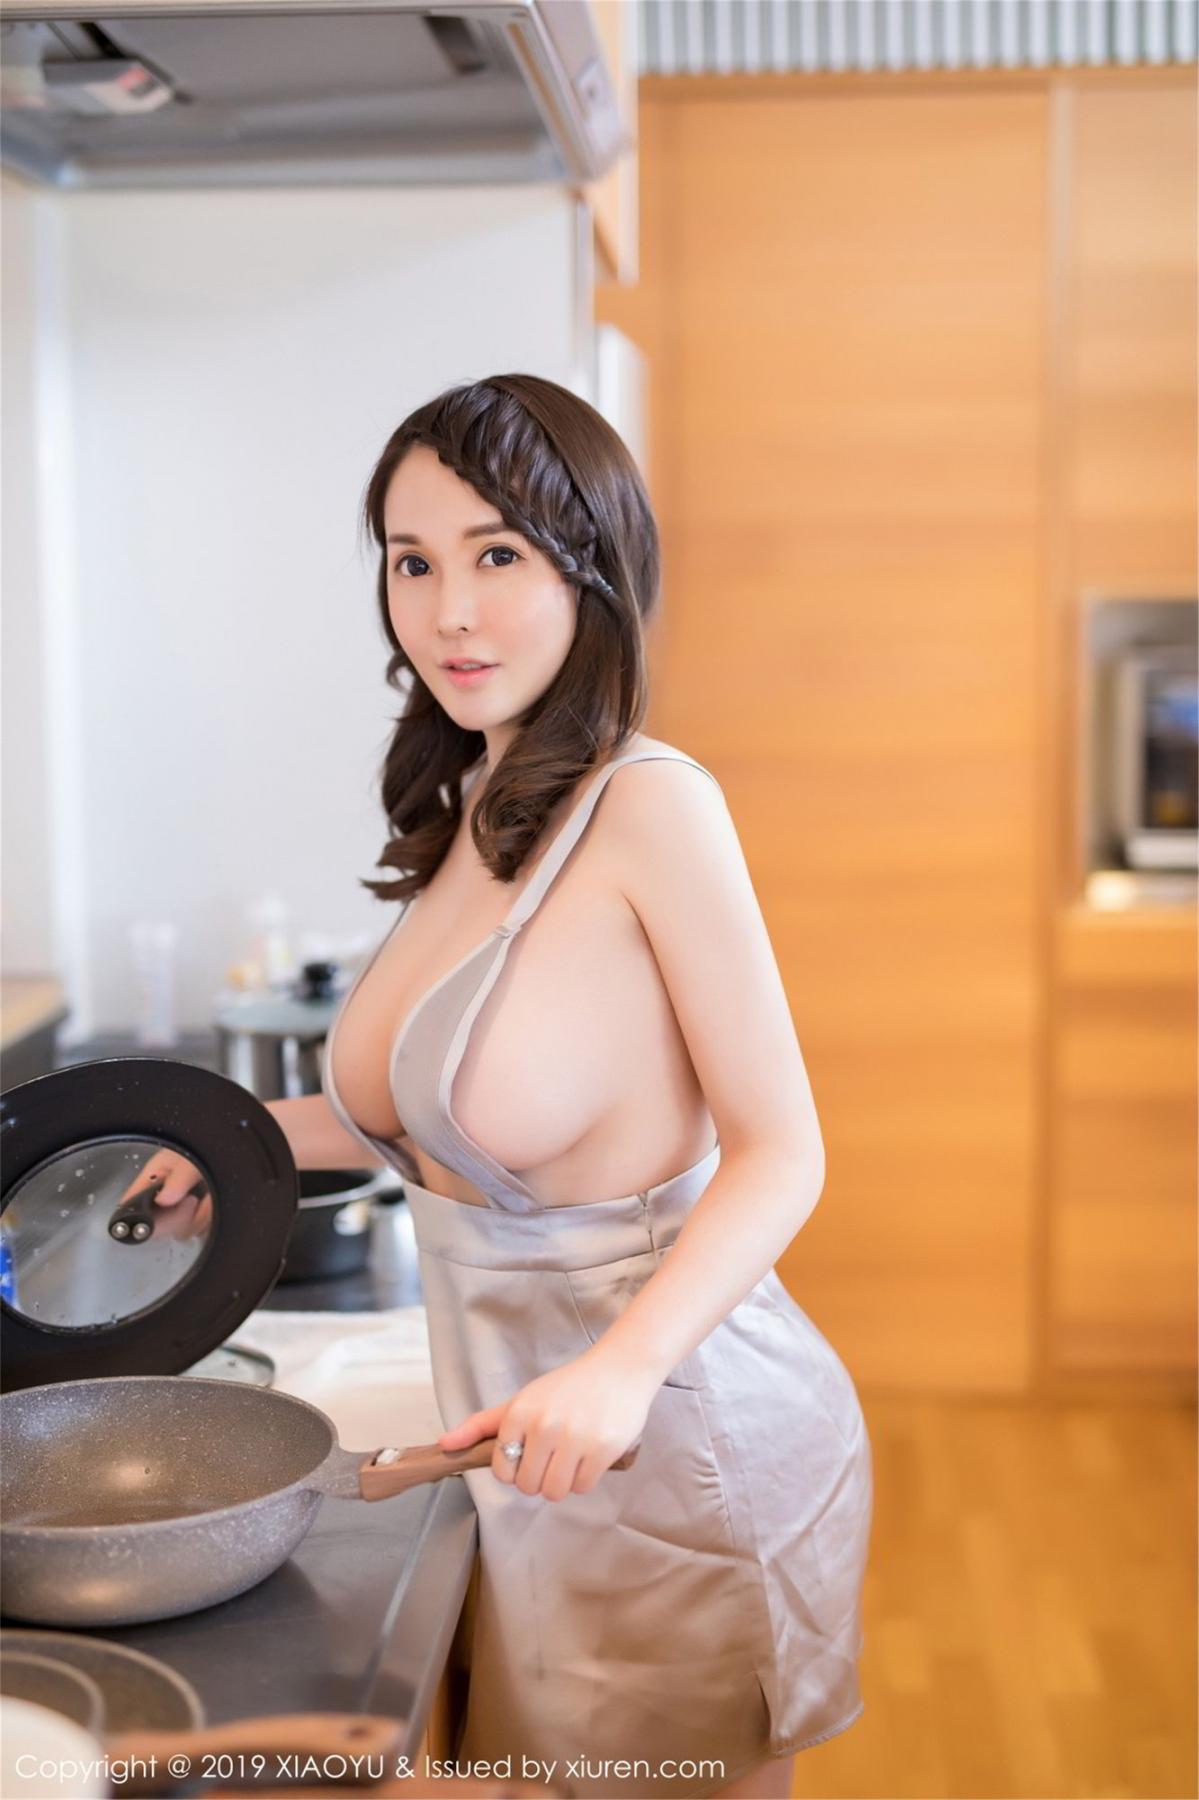 [XiaoYu] Vol.080 Shen Mi Tao 25P, Shen Mi Tao, XiaoYu